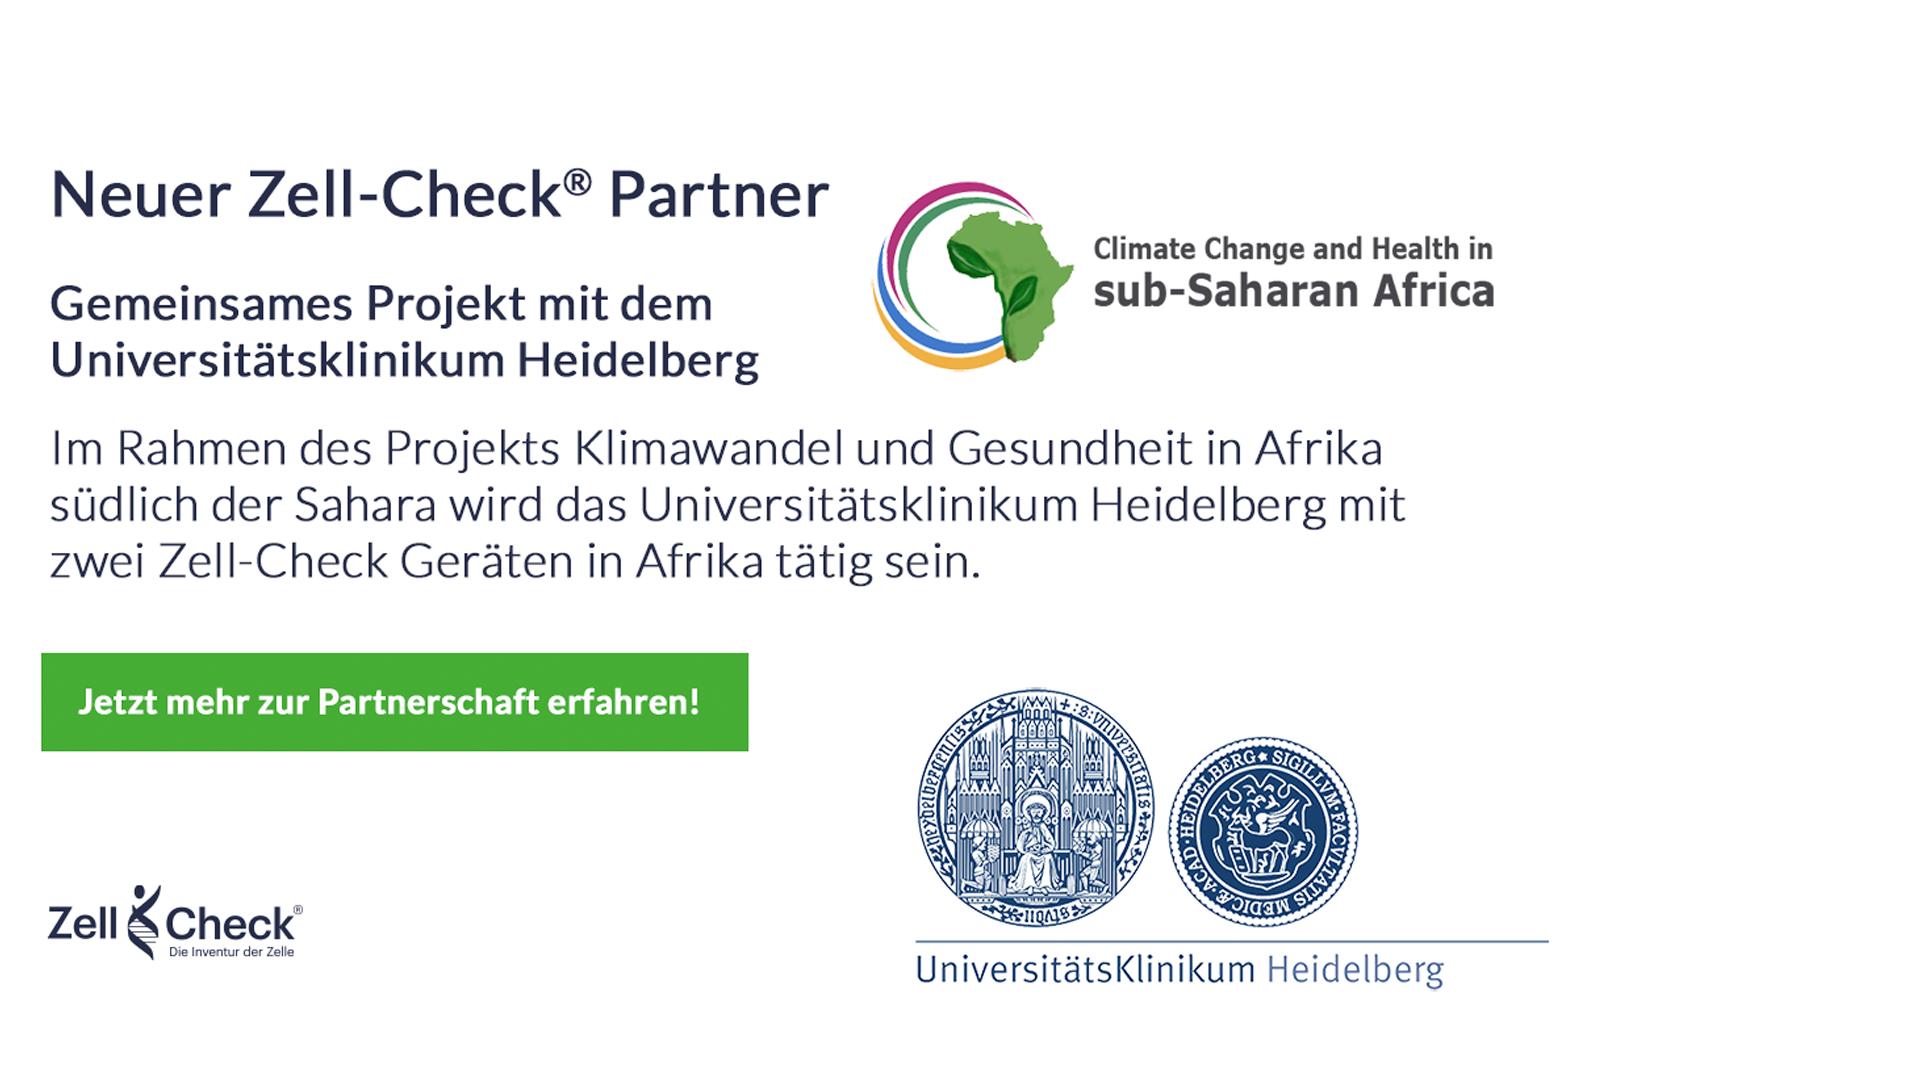 Uni-Heidelberg1920x1080